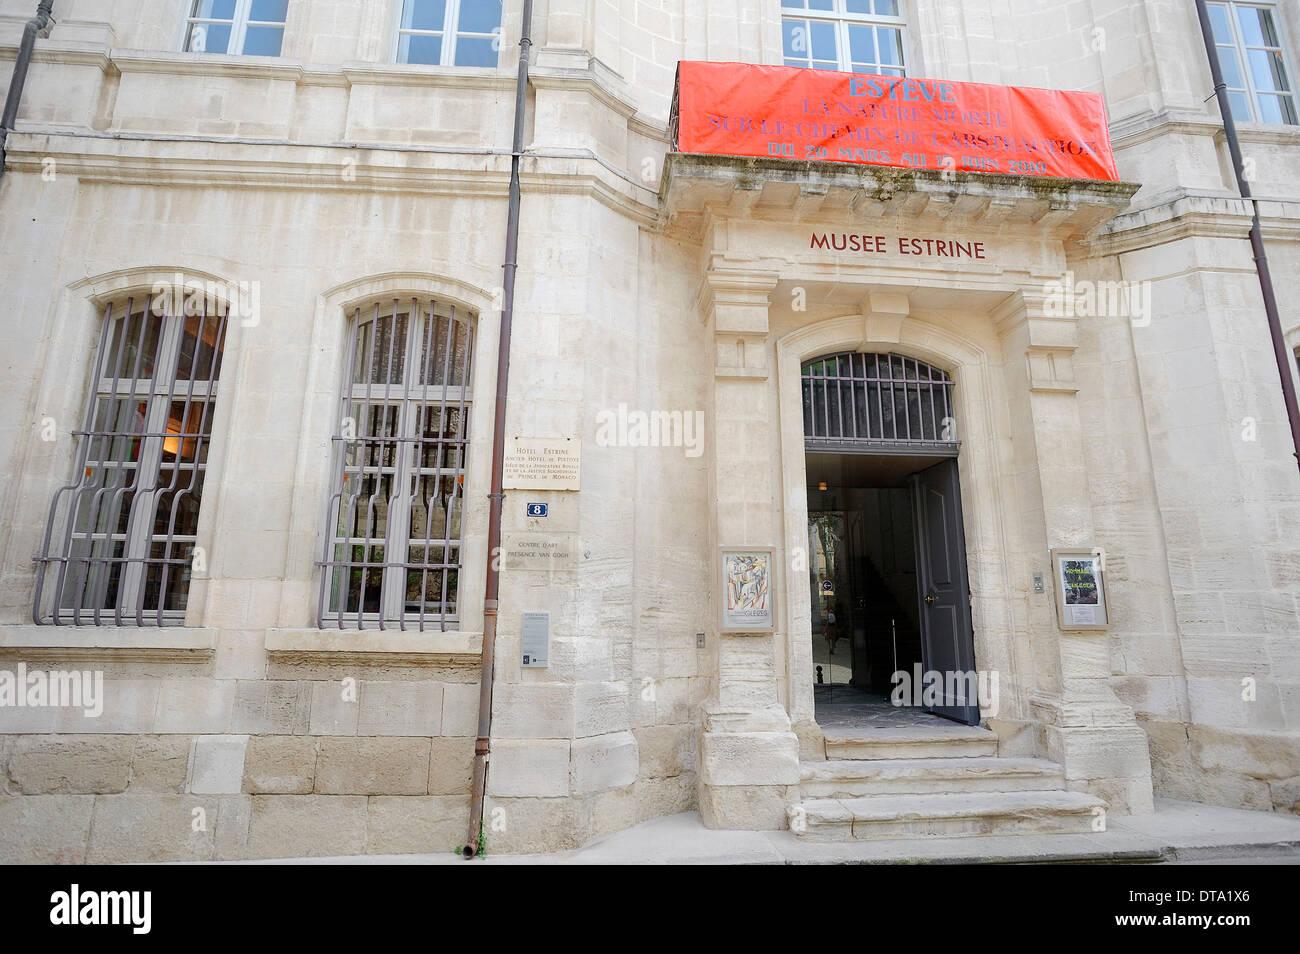 Musée Estrine, Saint Remy-de-Provence, Bouches-du-Rhône, Provence-Alpes-Côte d&#39;Azur, dans le sud de la France, France Photo Stock